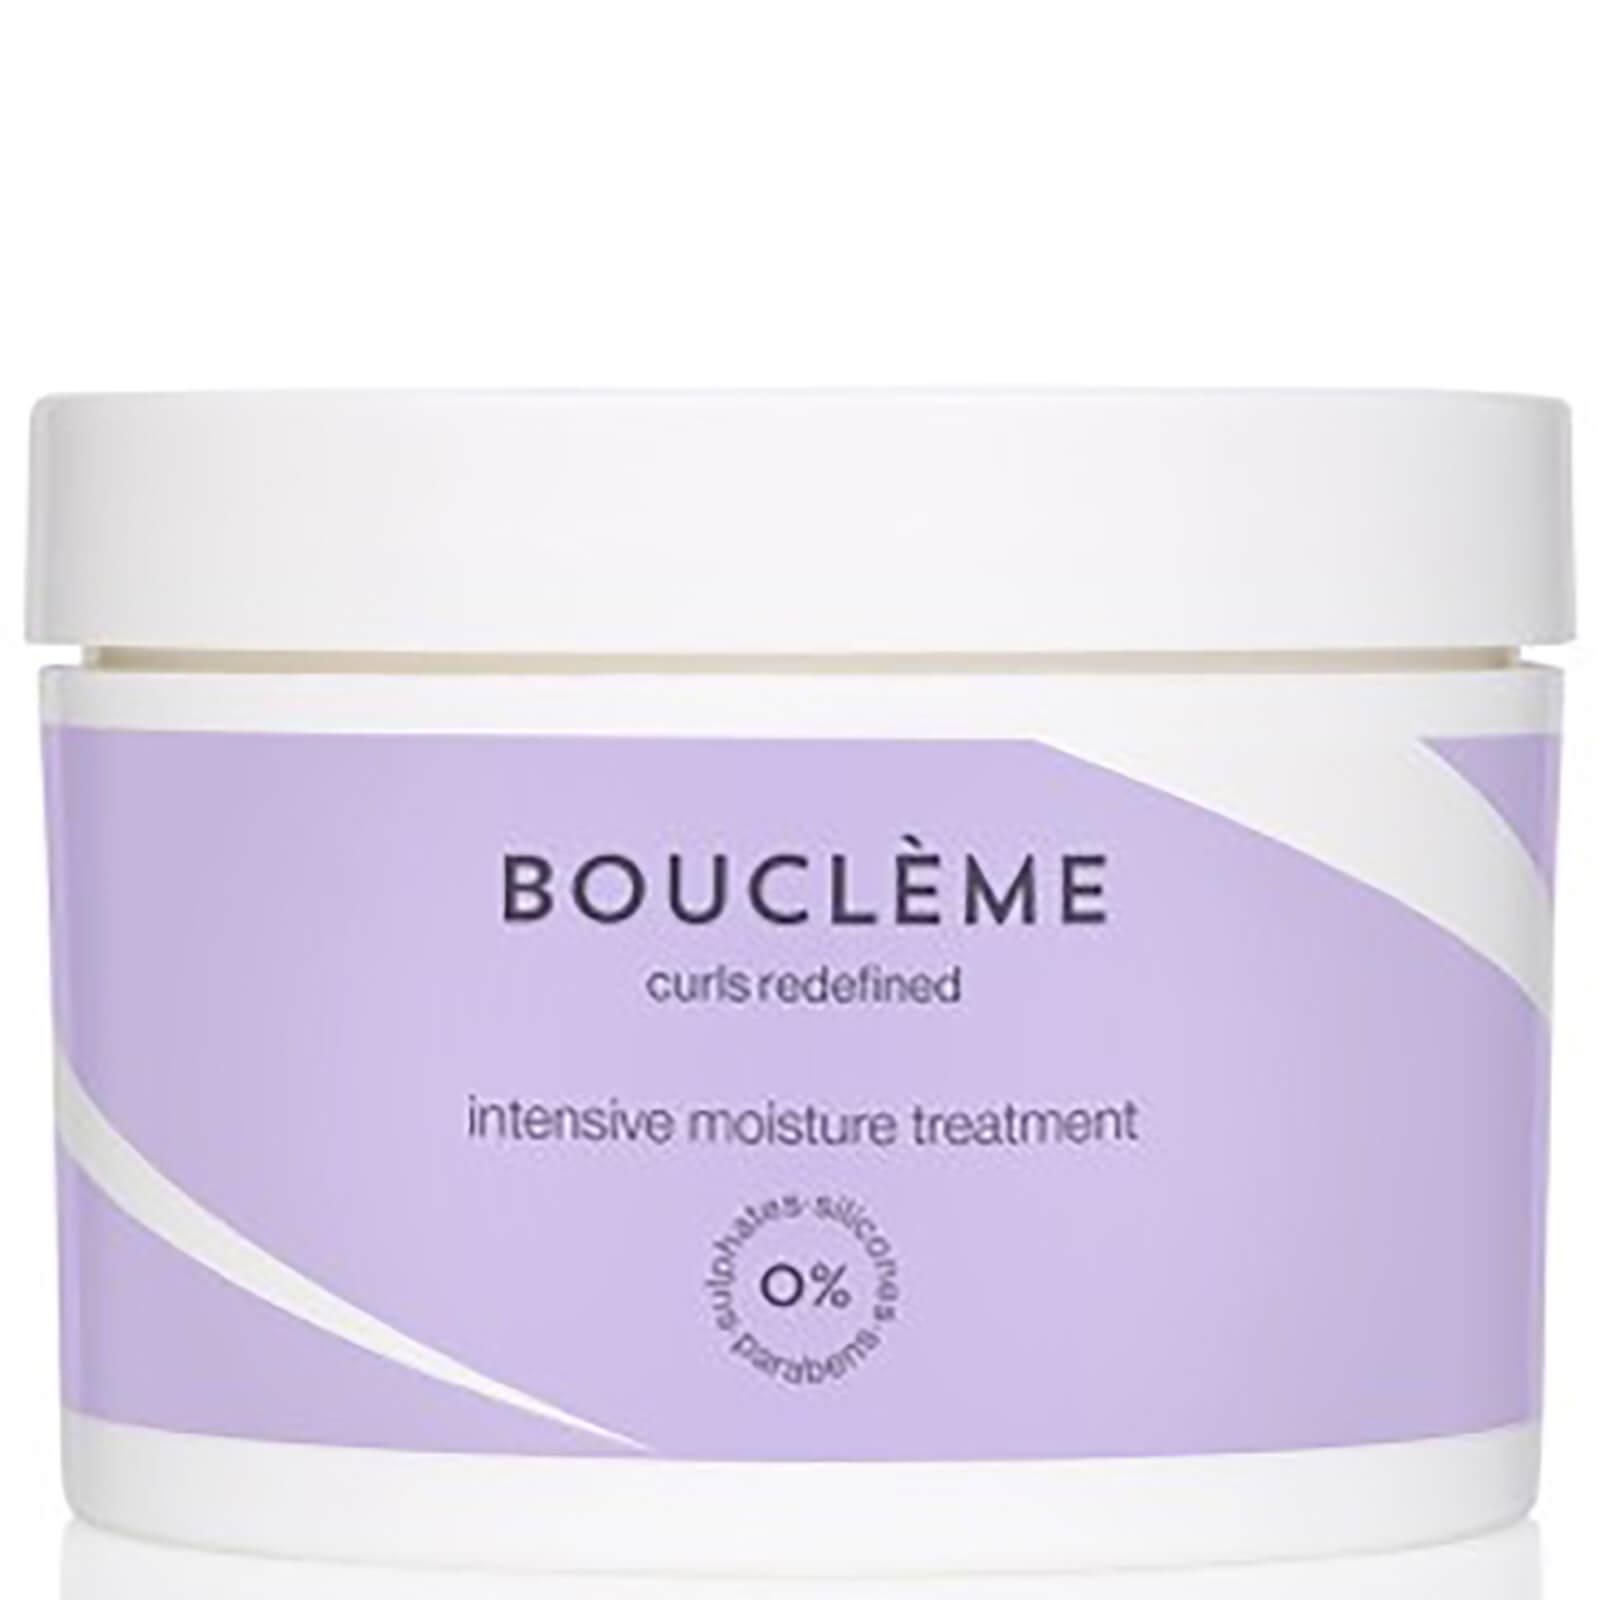 masque hydratant boucleme